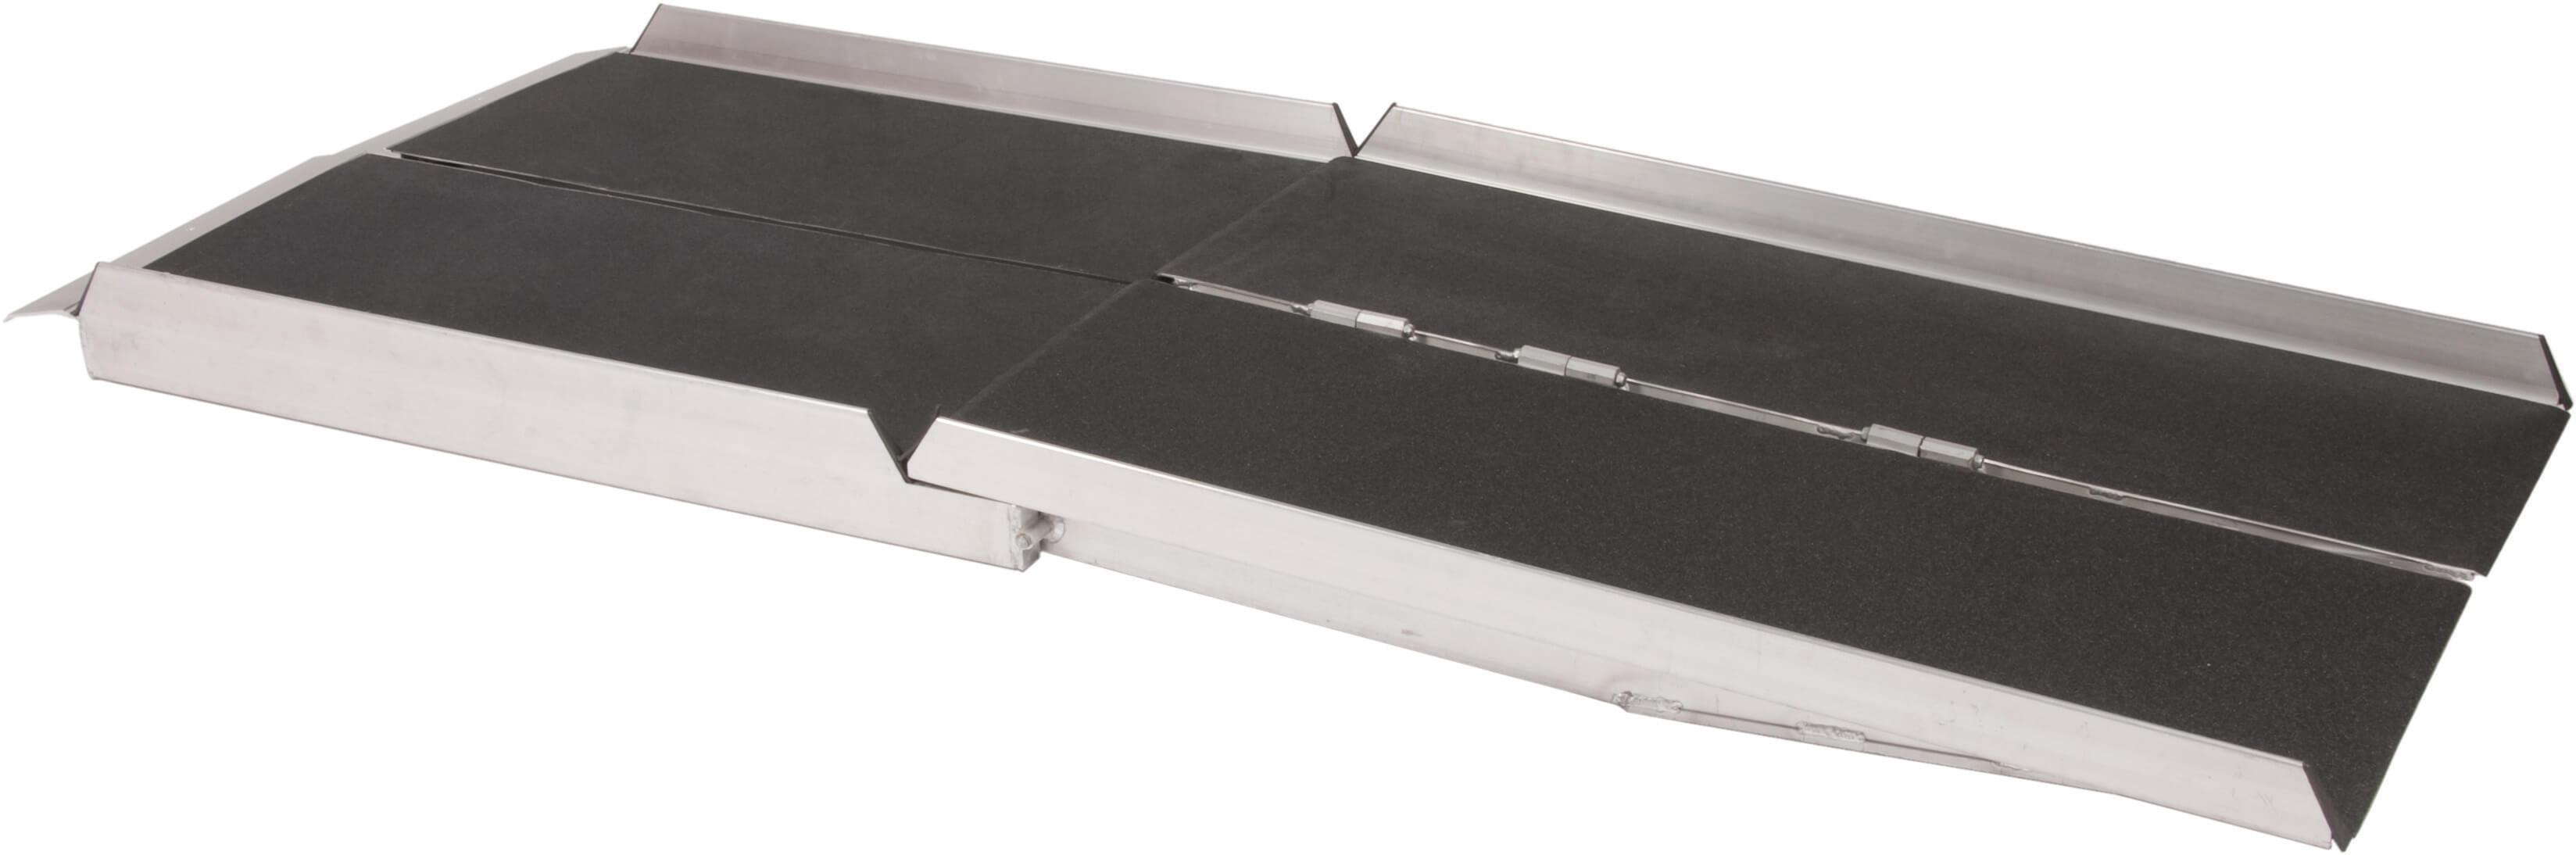 Foldbar alurampe, 180 eller 240 cm fra